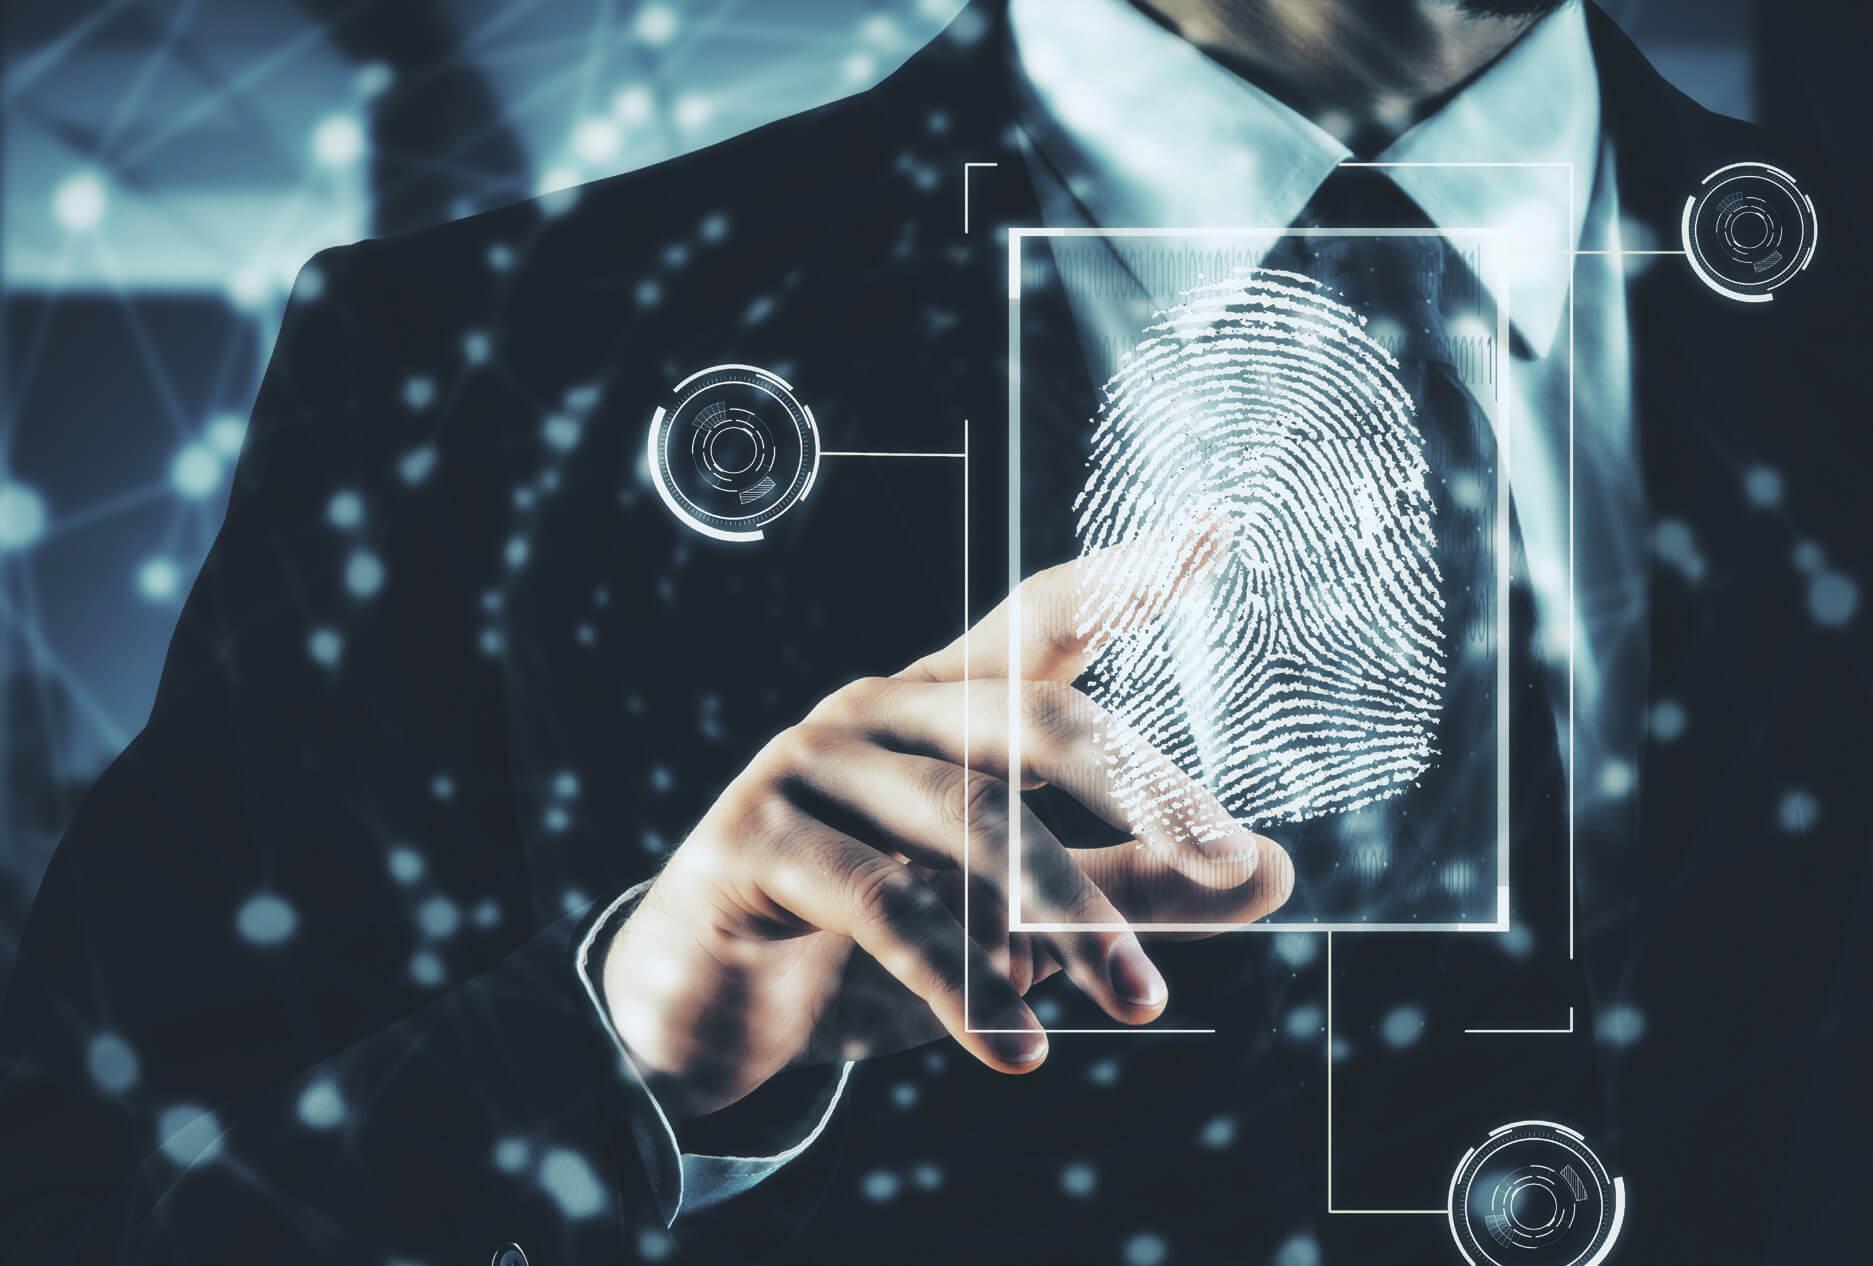 最強のデータ経営:デジタル法科学の分野でも広がるデータの一元化と共有のインパクト